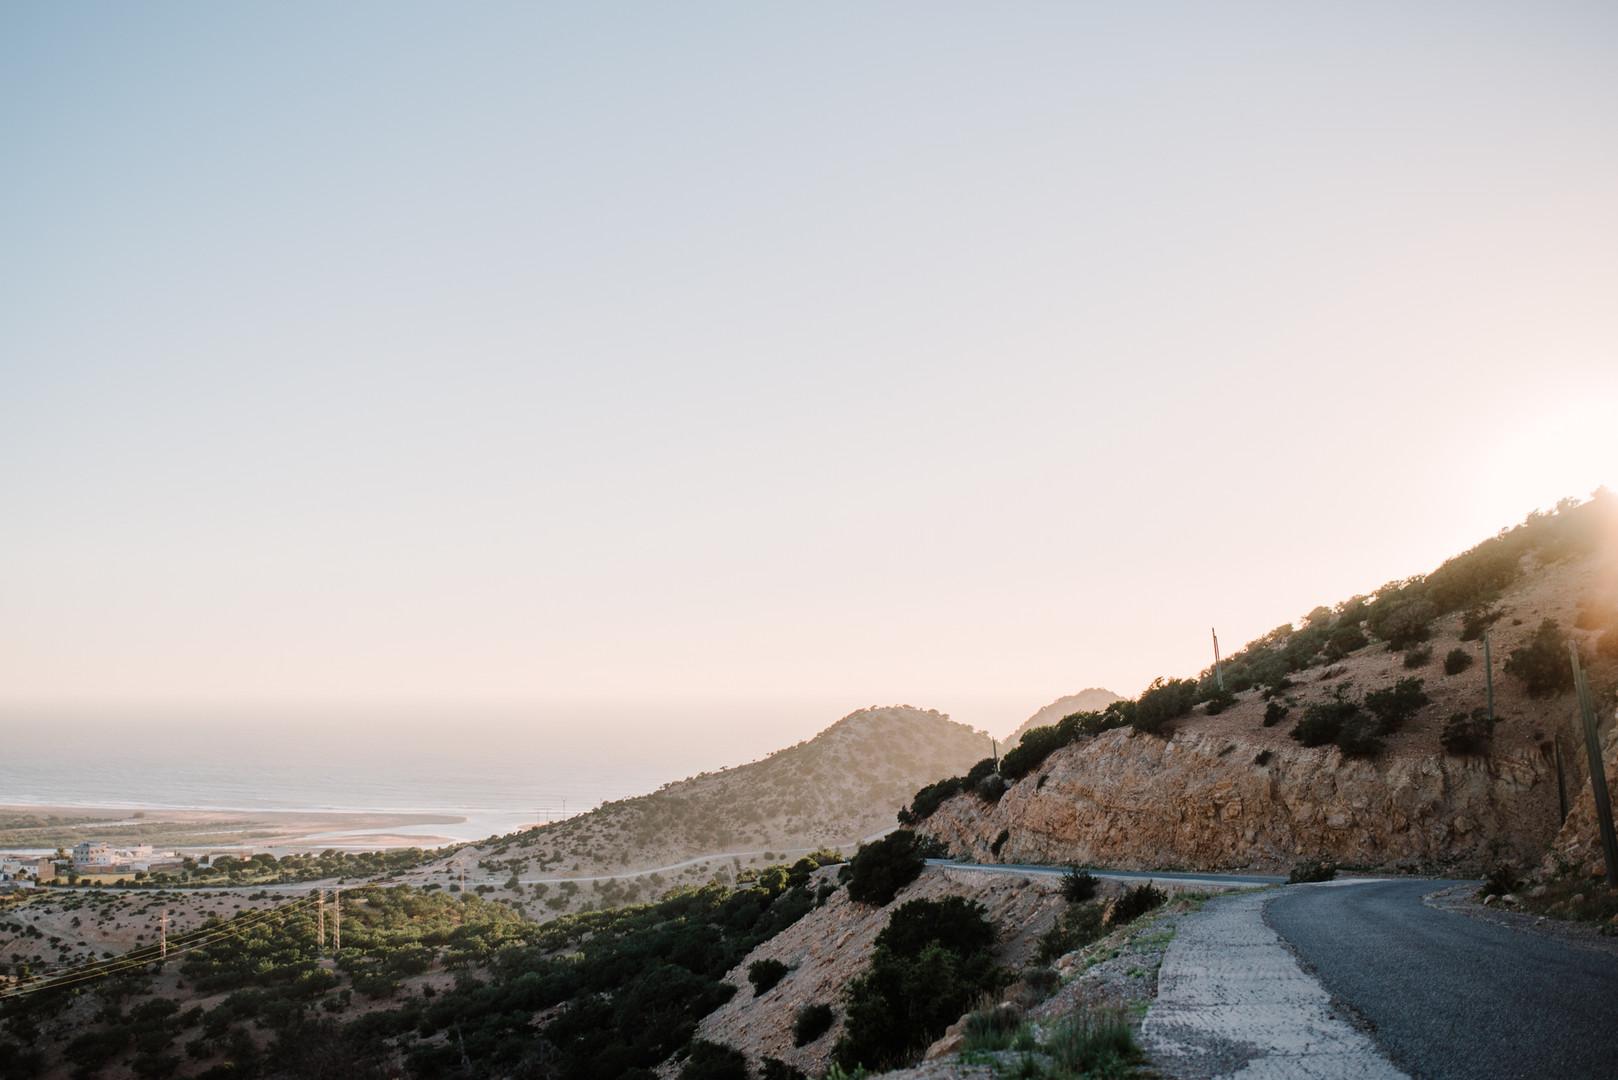 Anoukfotografeert Marokko reis-324.jpg